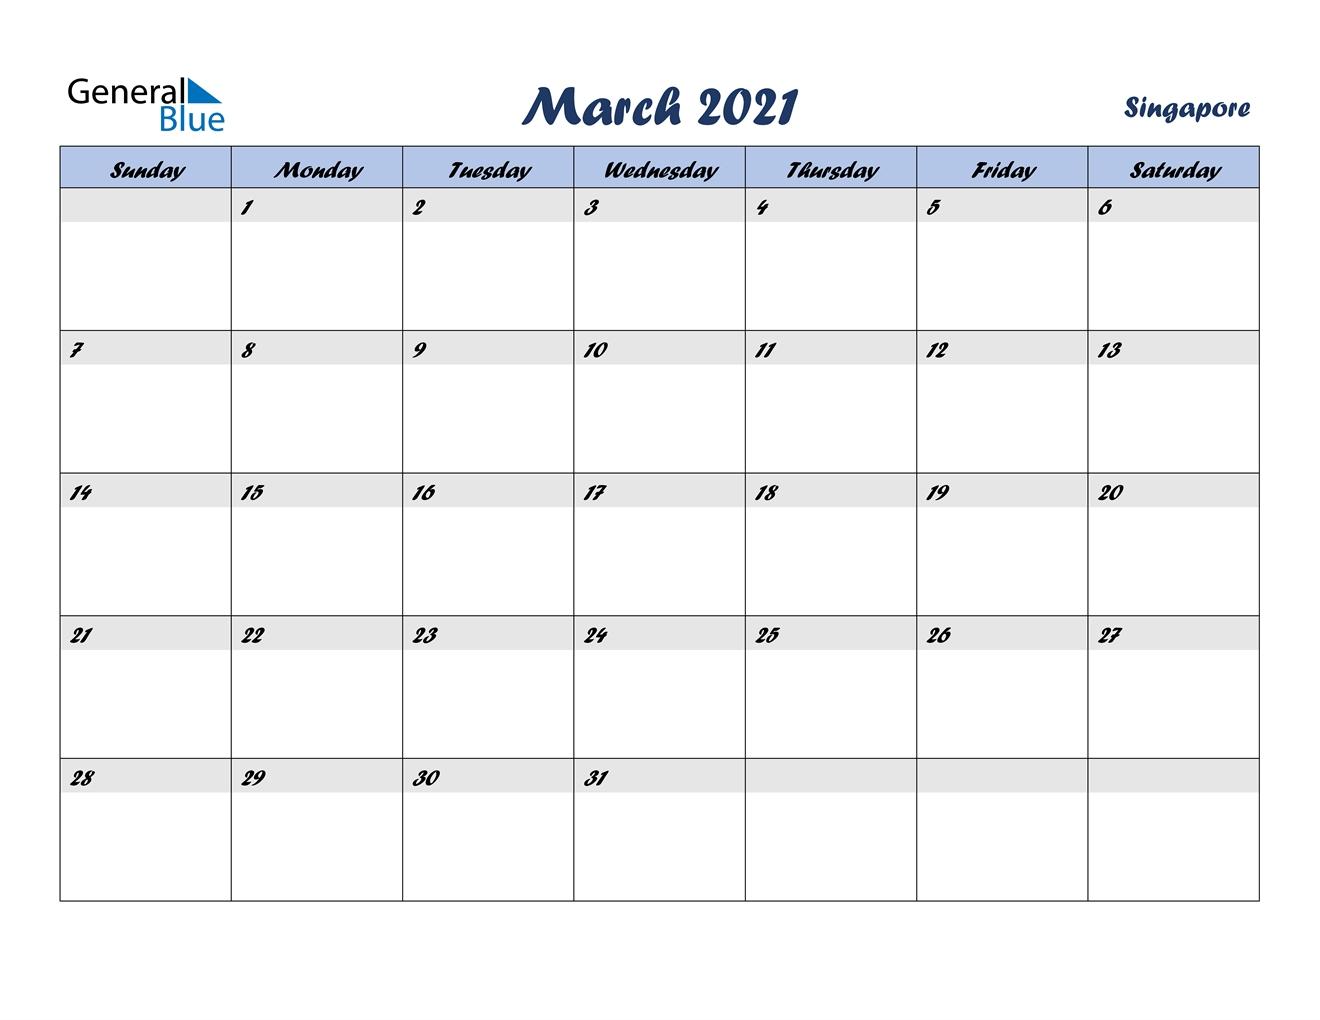 March 2021 Calendar - Singapore September 2021 Calendar Singapore